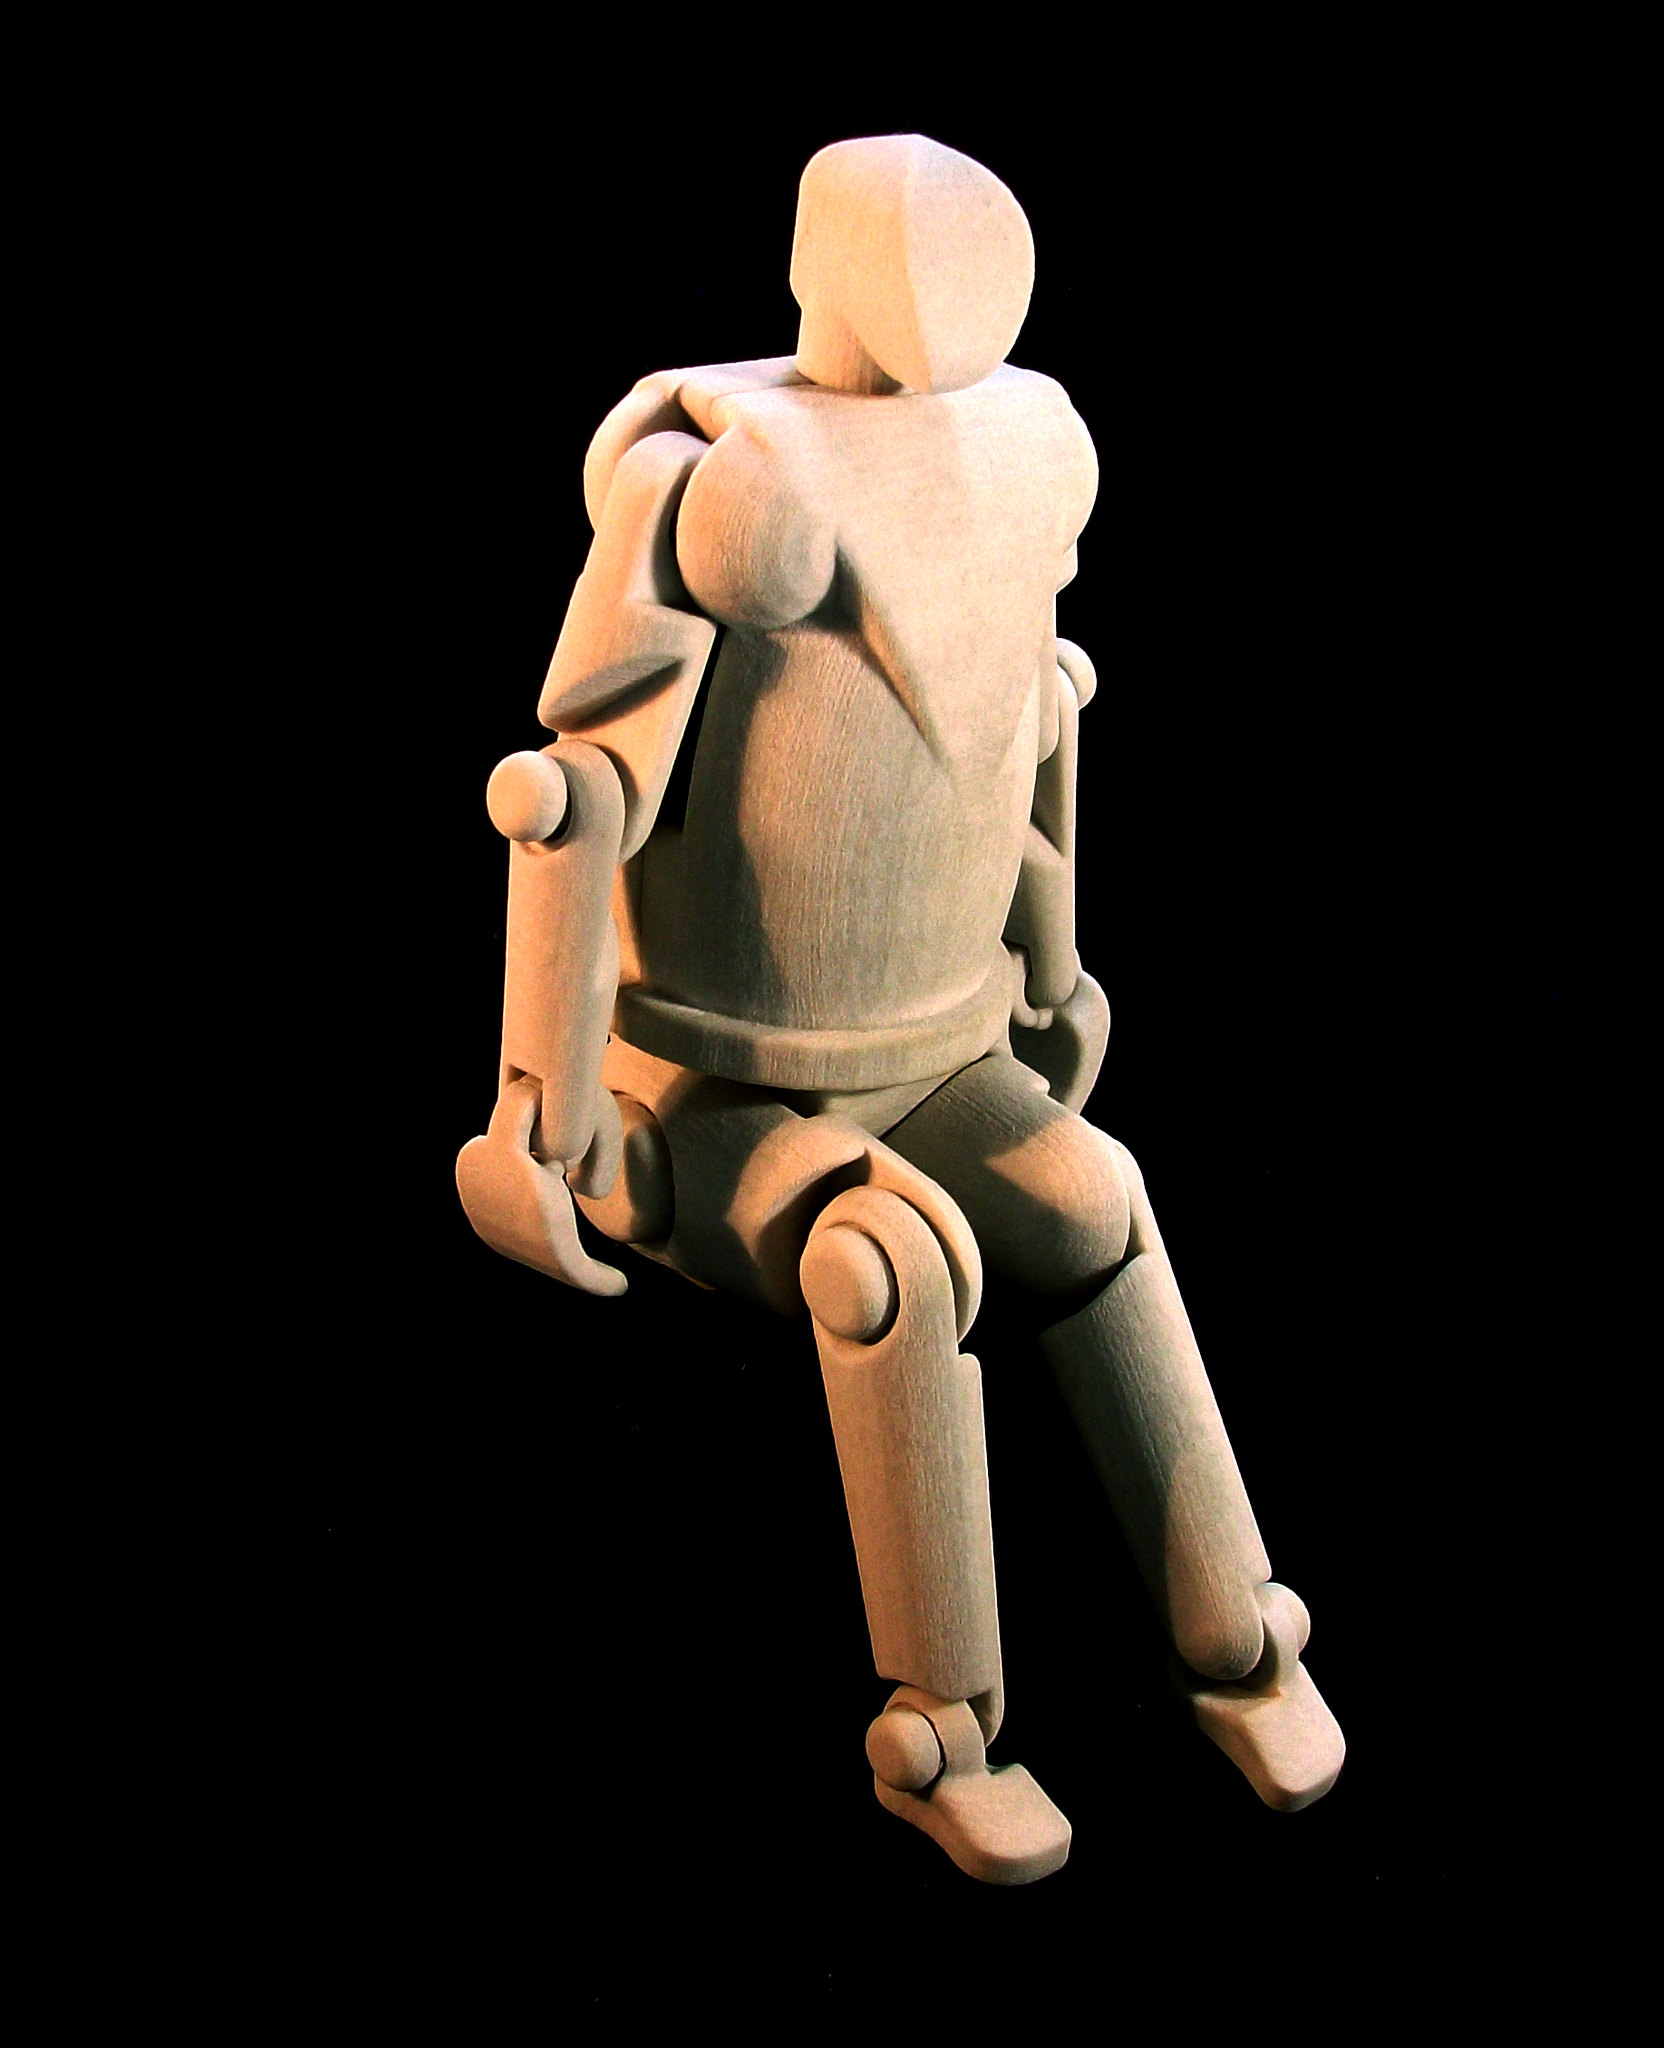 RobotMe